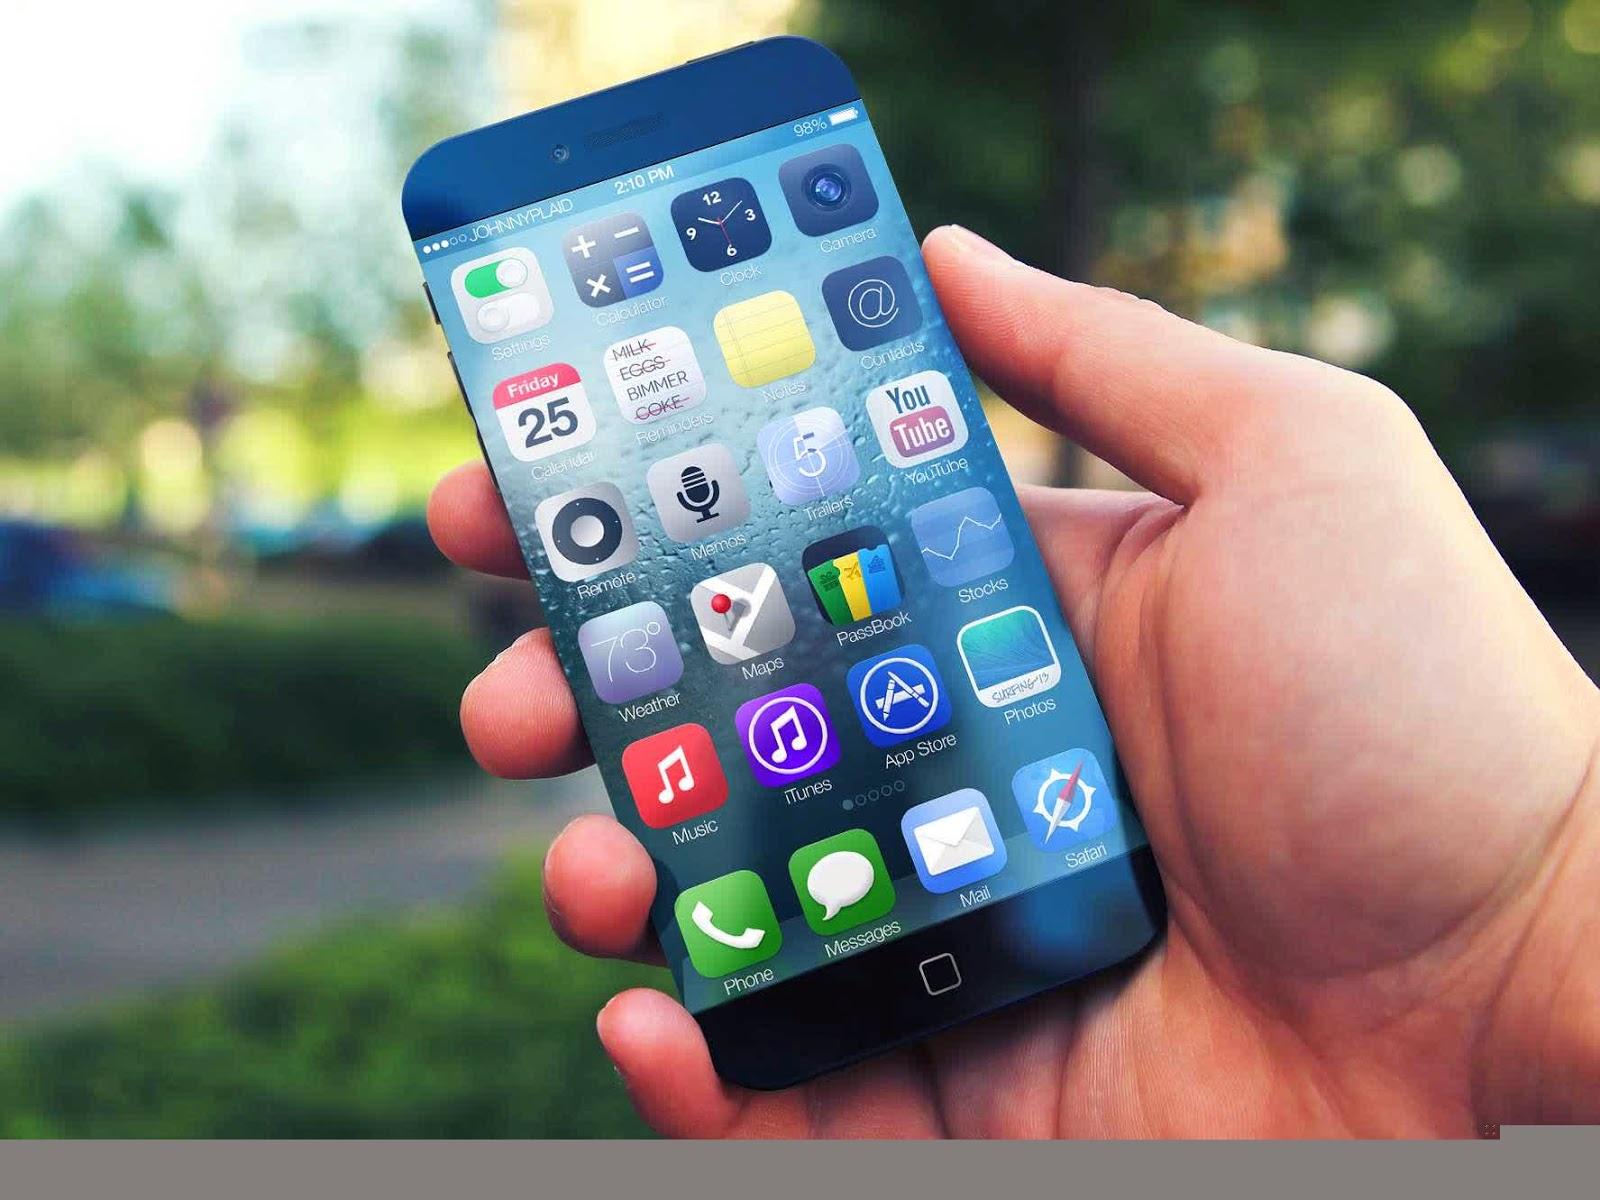 Desain Terbaru Iphone 6